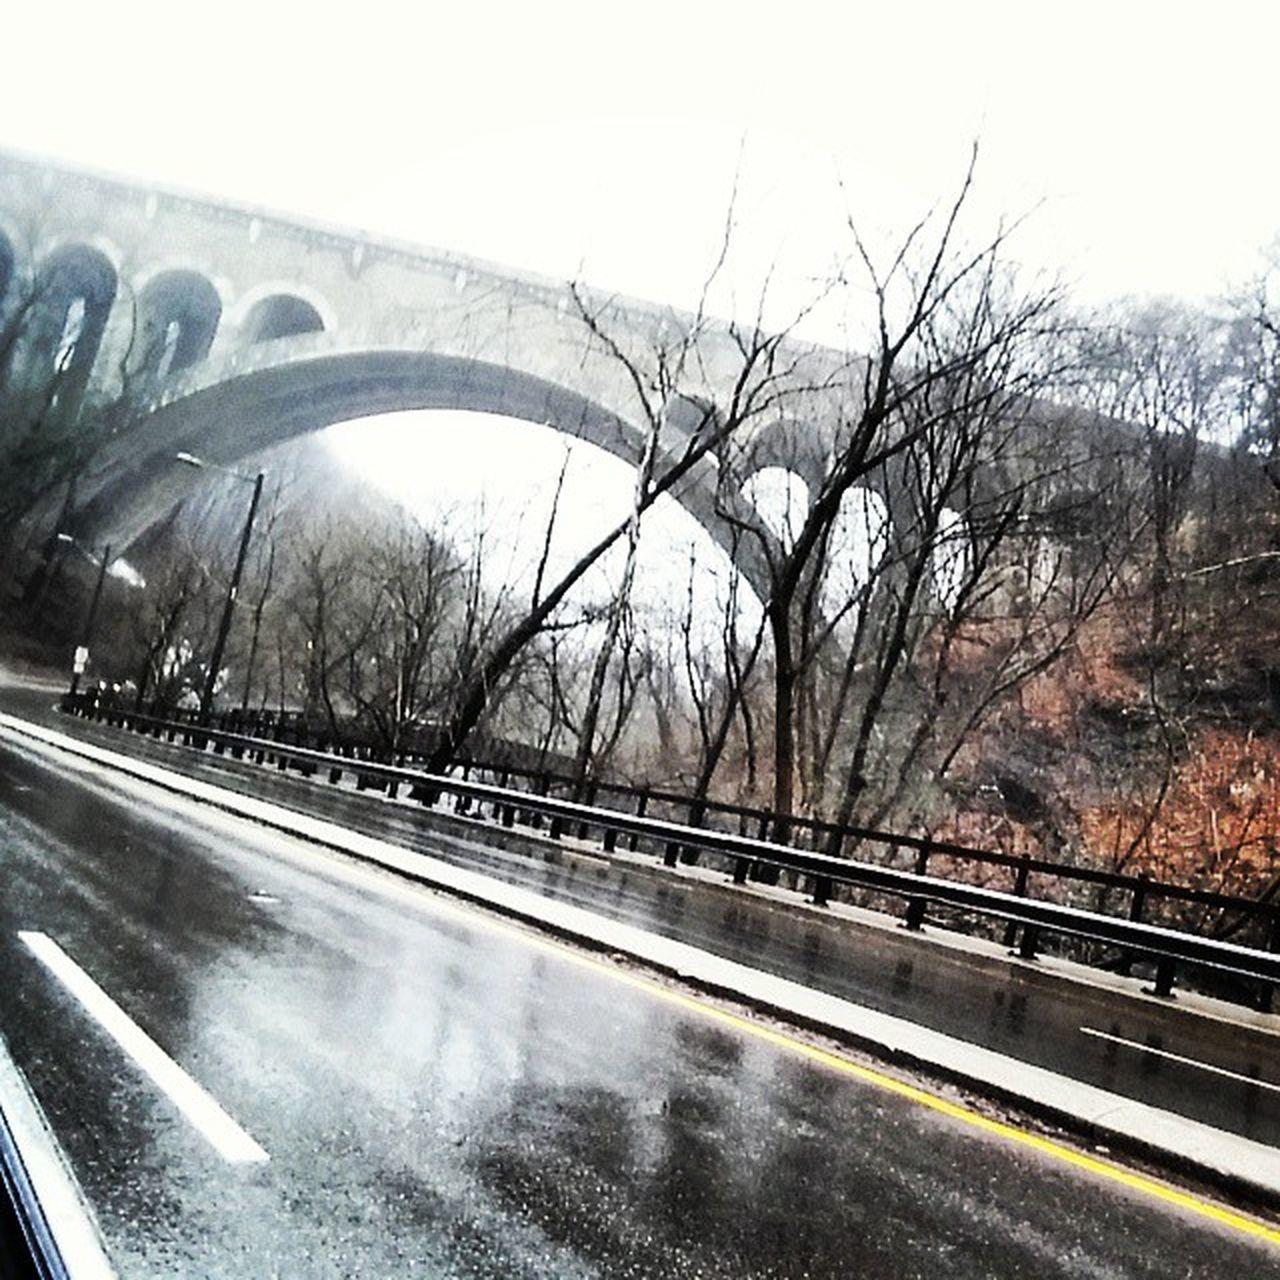 Igers_philly Bridge RainyDays